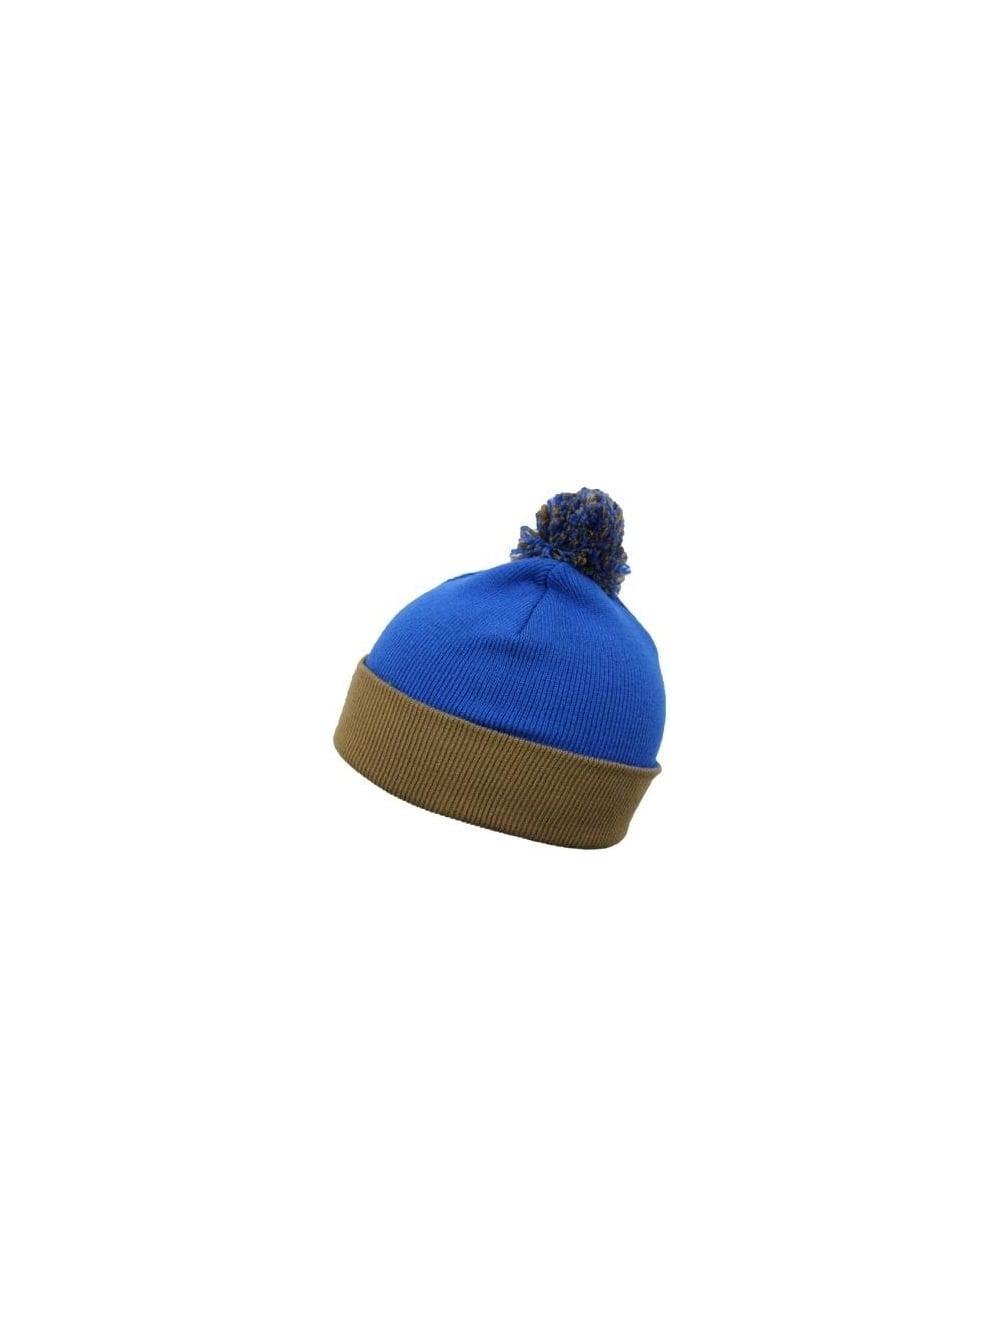 Carhartt Britt Beanie in Imperial Blue - Northern Threads b82433bf5d29